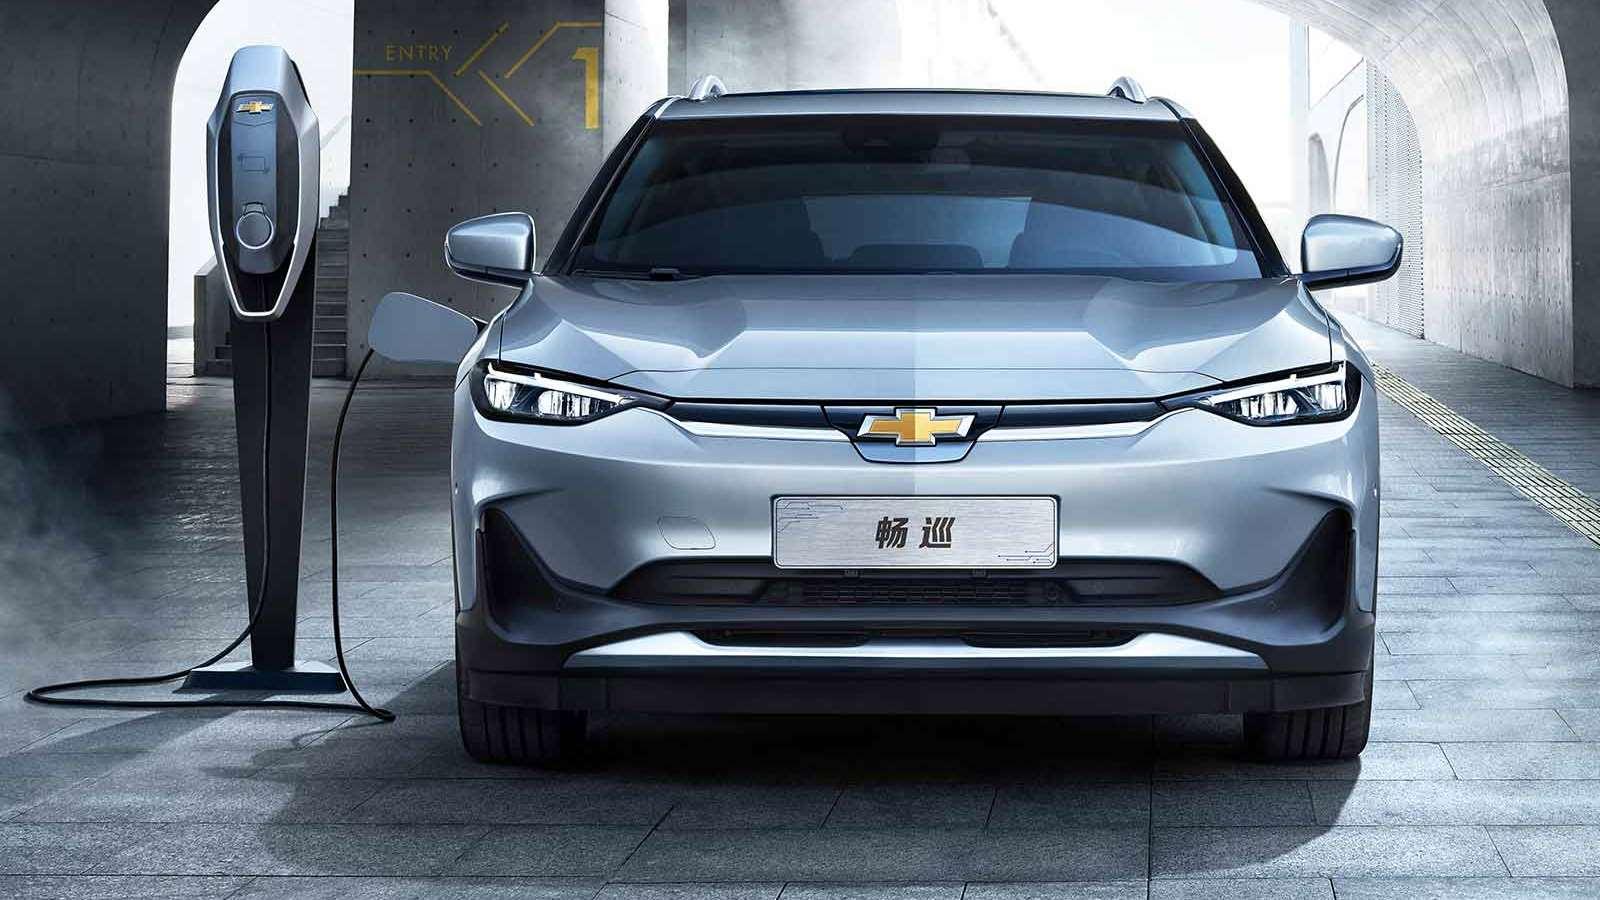 「百秒看车」15.99万起售,续航410公里,雪佛兰首款纯电动上市